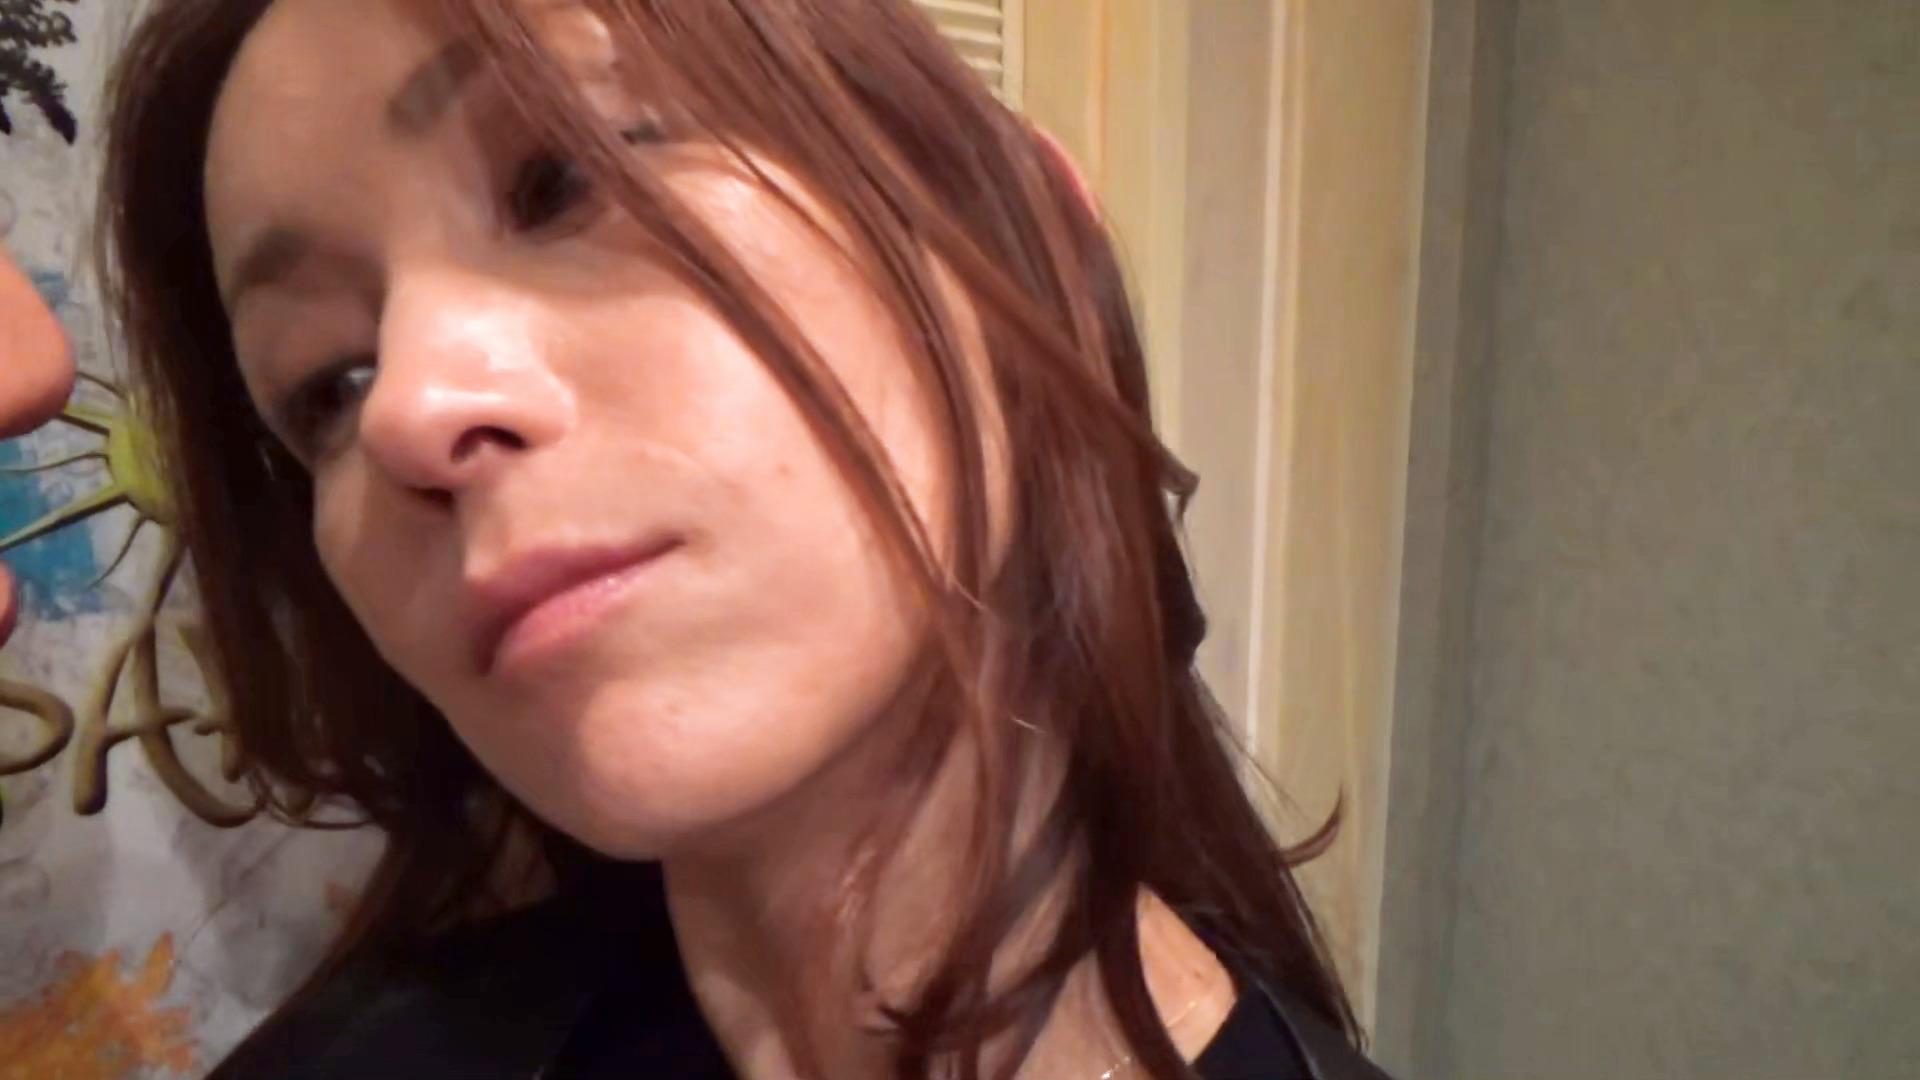 【四十路】人妻ハメ撮り羞恥デート かなえさん 41歳のサンプル動画